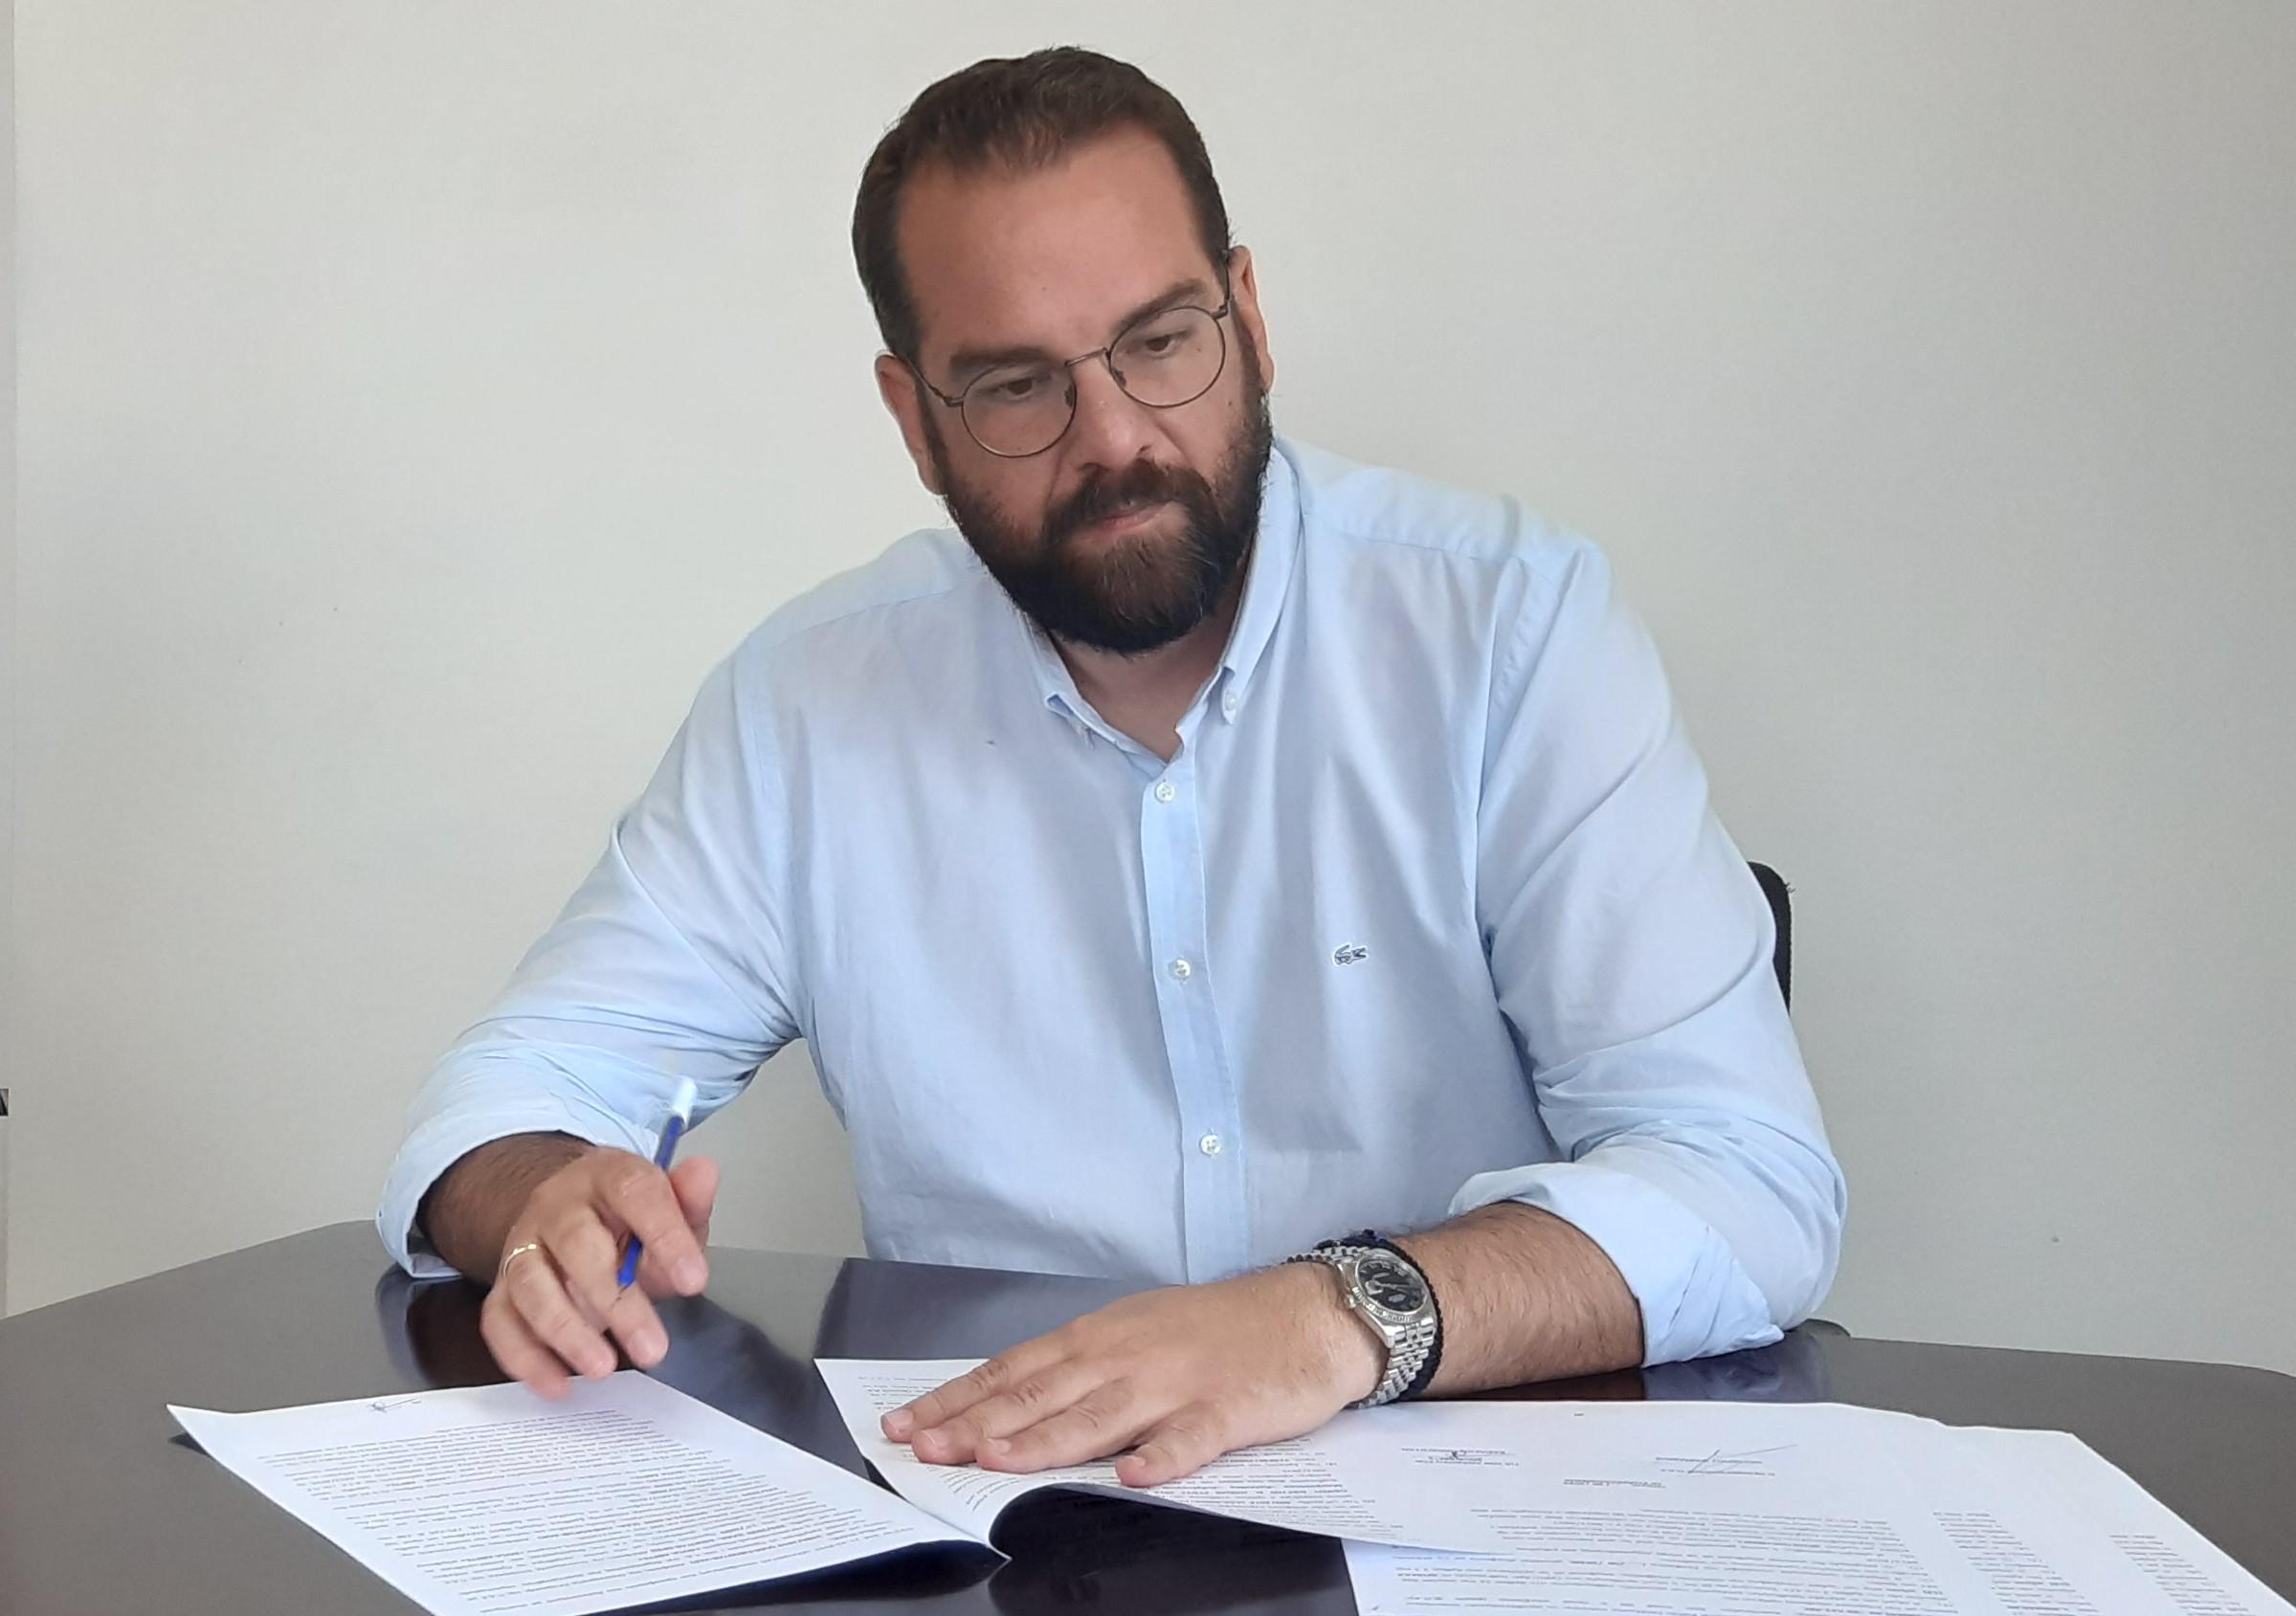 Προχωρούν οι μελέτες για τη δημιουργία επιχειρηματικών πάρκων στην Δυτική Ελλάδα